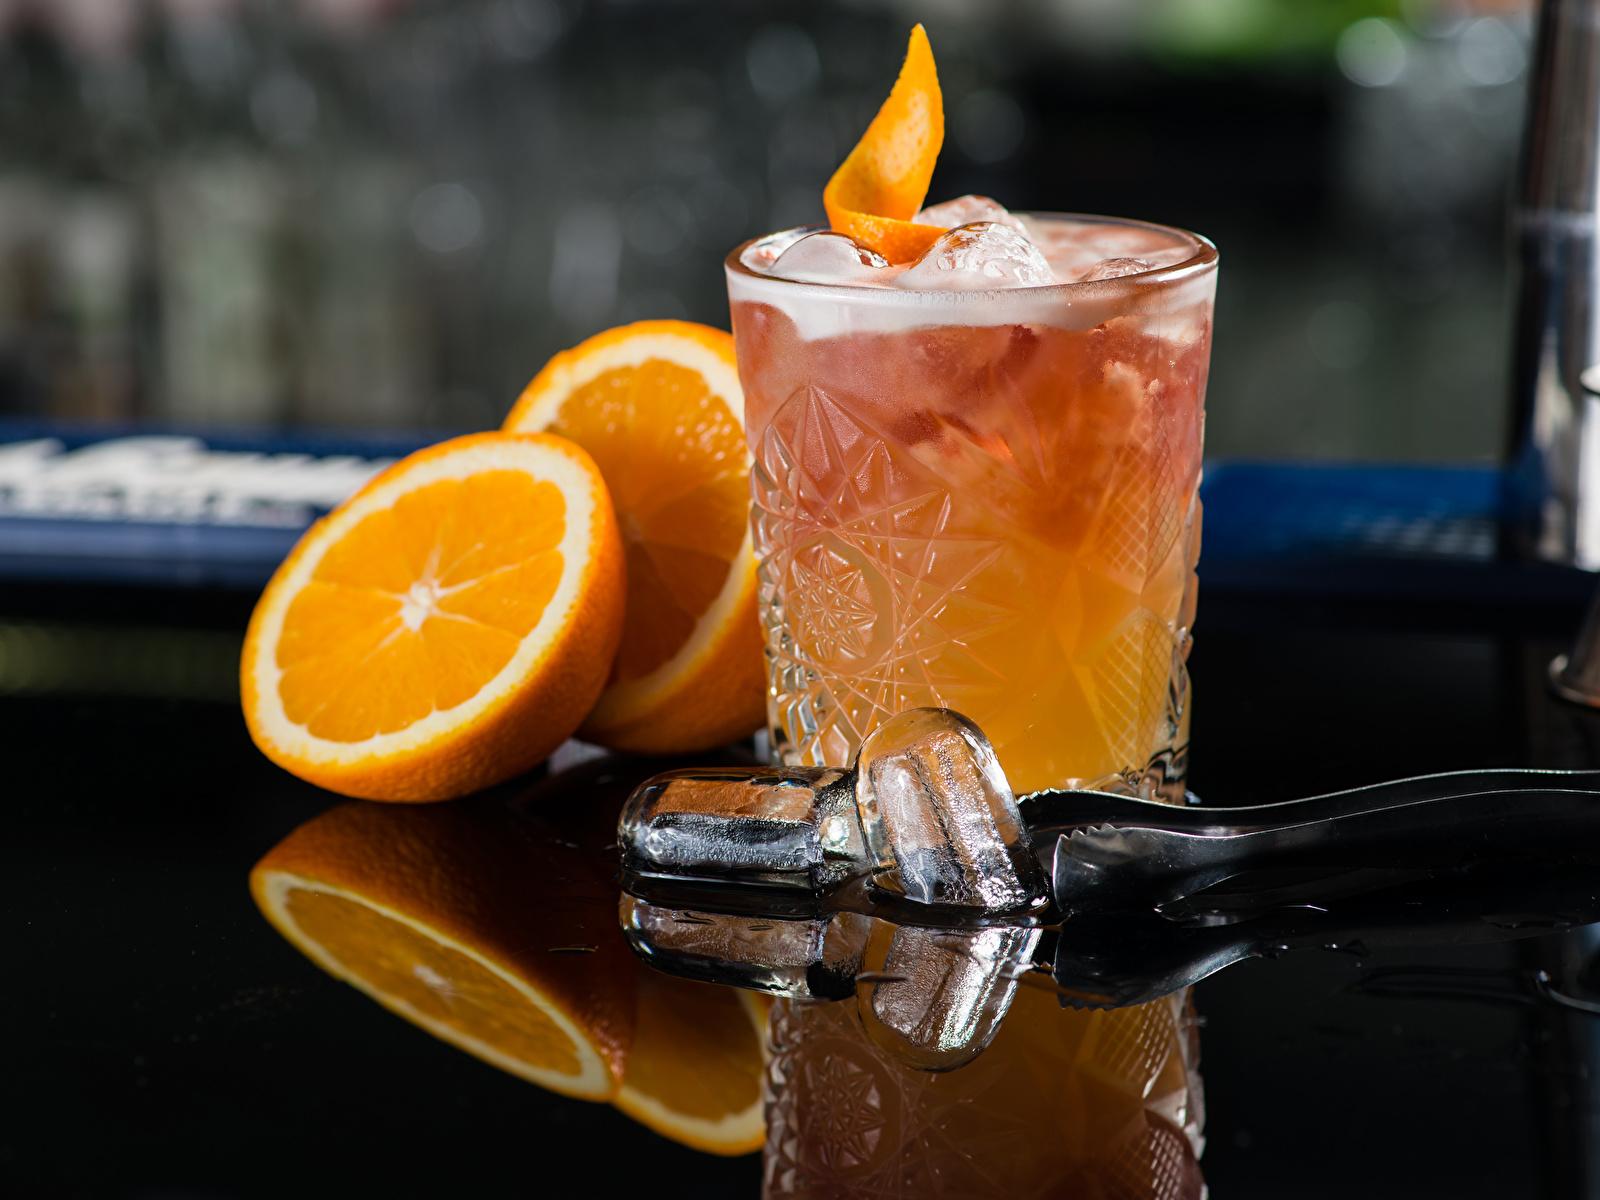 Обои для рабочего стола Алкогольные напитки льда Апельсин стакана Еда Коктейль 1600x1200 Лед Стакан стакане Пища Продукты питания